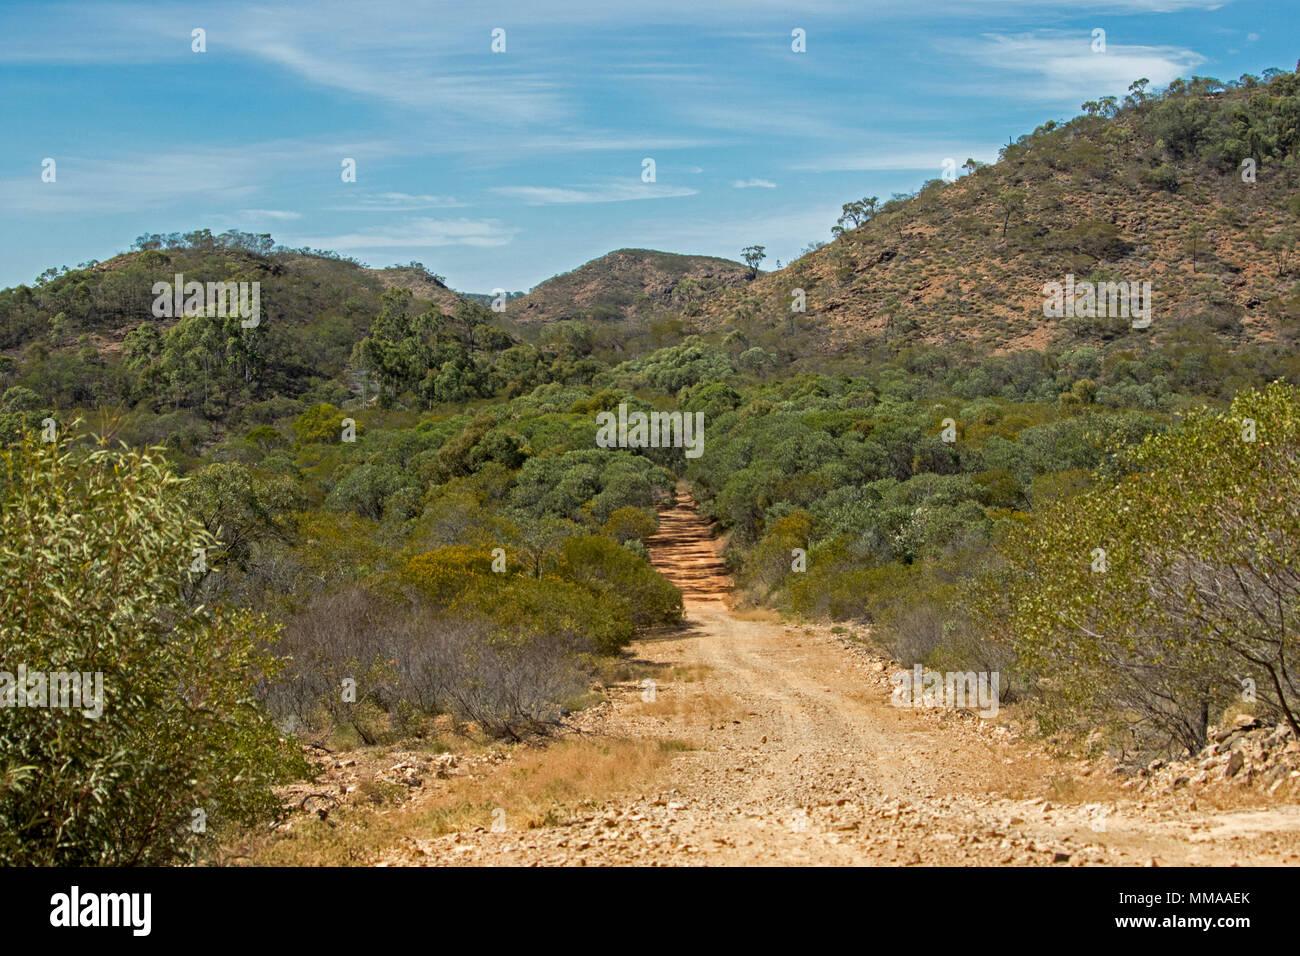 Paisaje con bosques de eucaliptos cortó por un estrecho camino de tierra en las colinas de Minerva National Park, cerca de Springsure, Queensland, Australia Imagen De Stock